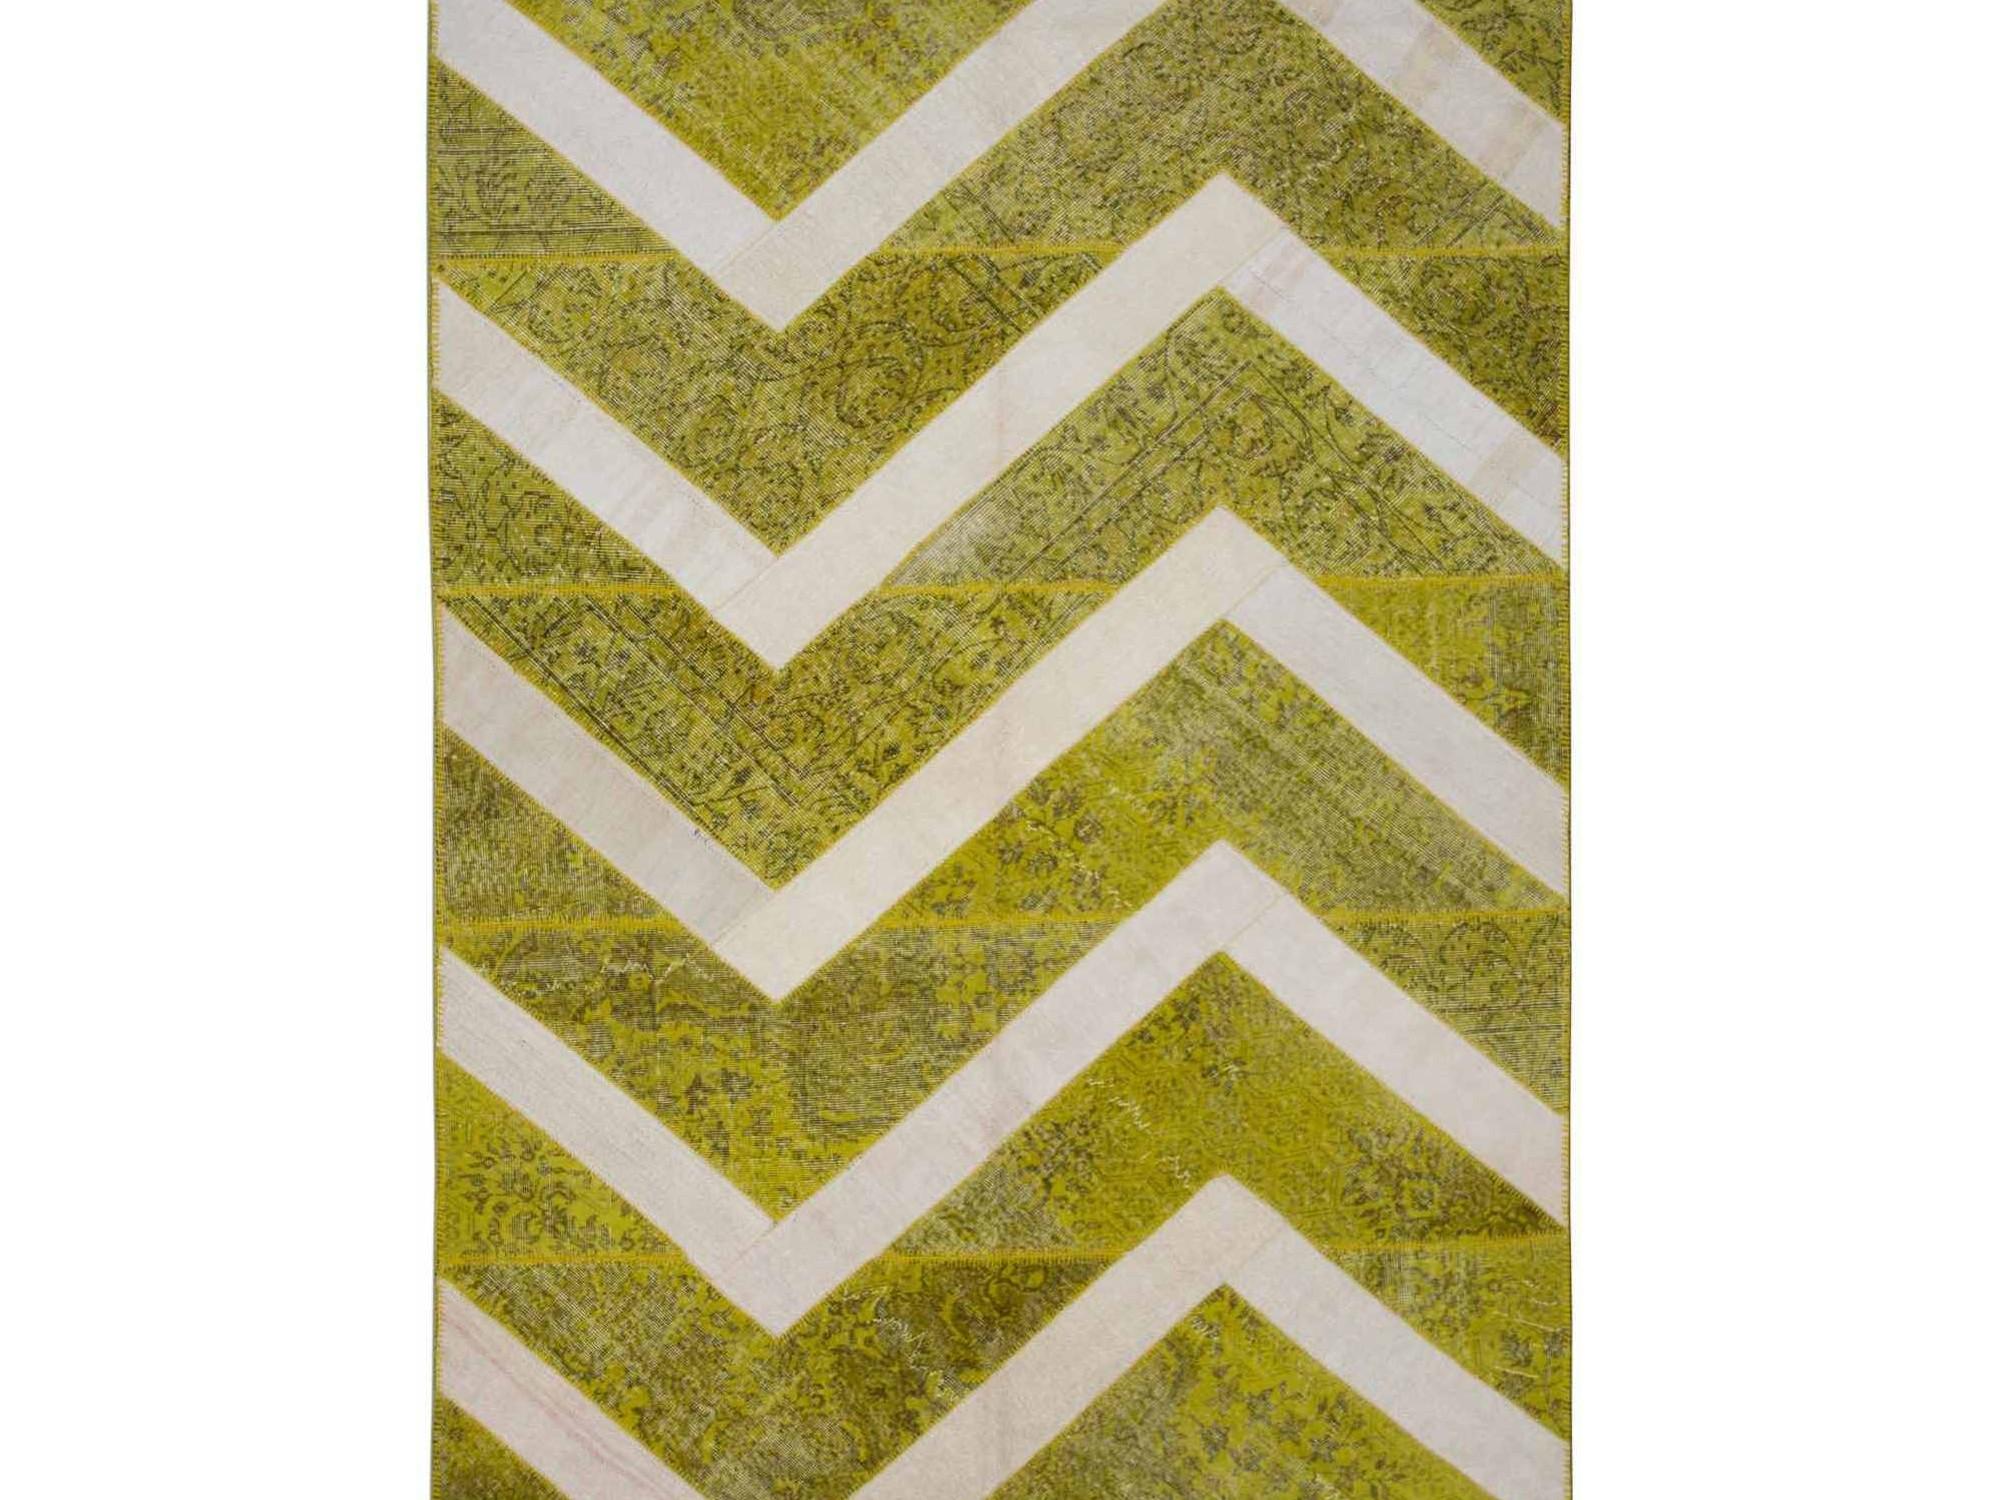 Ковер PatchworkПрямоугольные ковры<br>Винтажный ковер ручной работы в стиле &amp;quot;пэчворк&amp;quot; <br>из 100% шерсти. Ковер прекрасно подходит в <br>любые современные и классические интерьеры, <br>а благодаря толщине ковра всего 5 мм. и отсутствию <br>ворса, его легко чистить любыми видами пылесосов. <br>Этот настоящий ковер ручной работы не потеряет <br>своих красок и будет служить десятилетия.<br><br>Material: Шерсть<br>Width см: 204<br>Depth см: 294